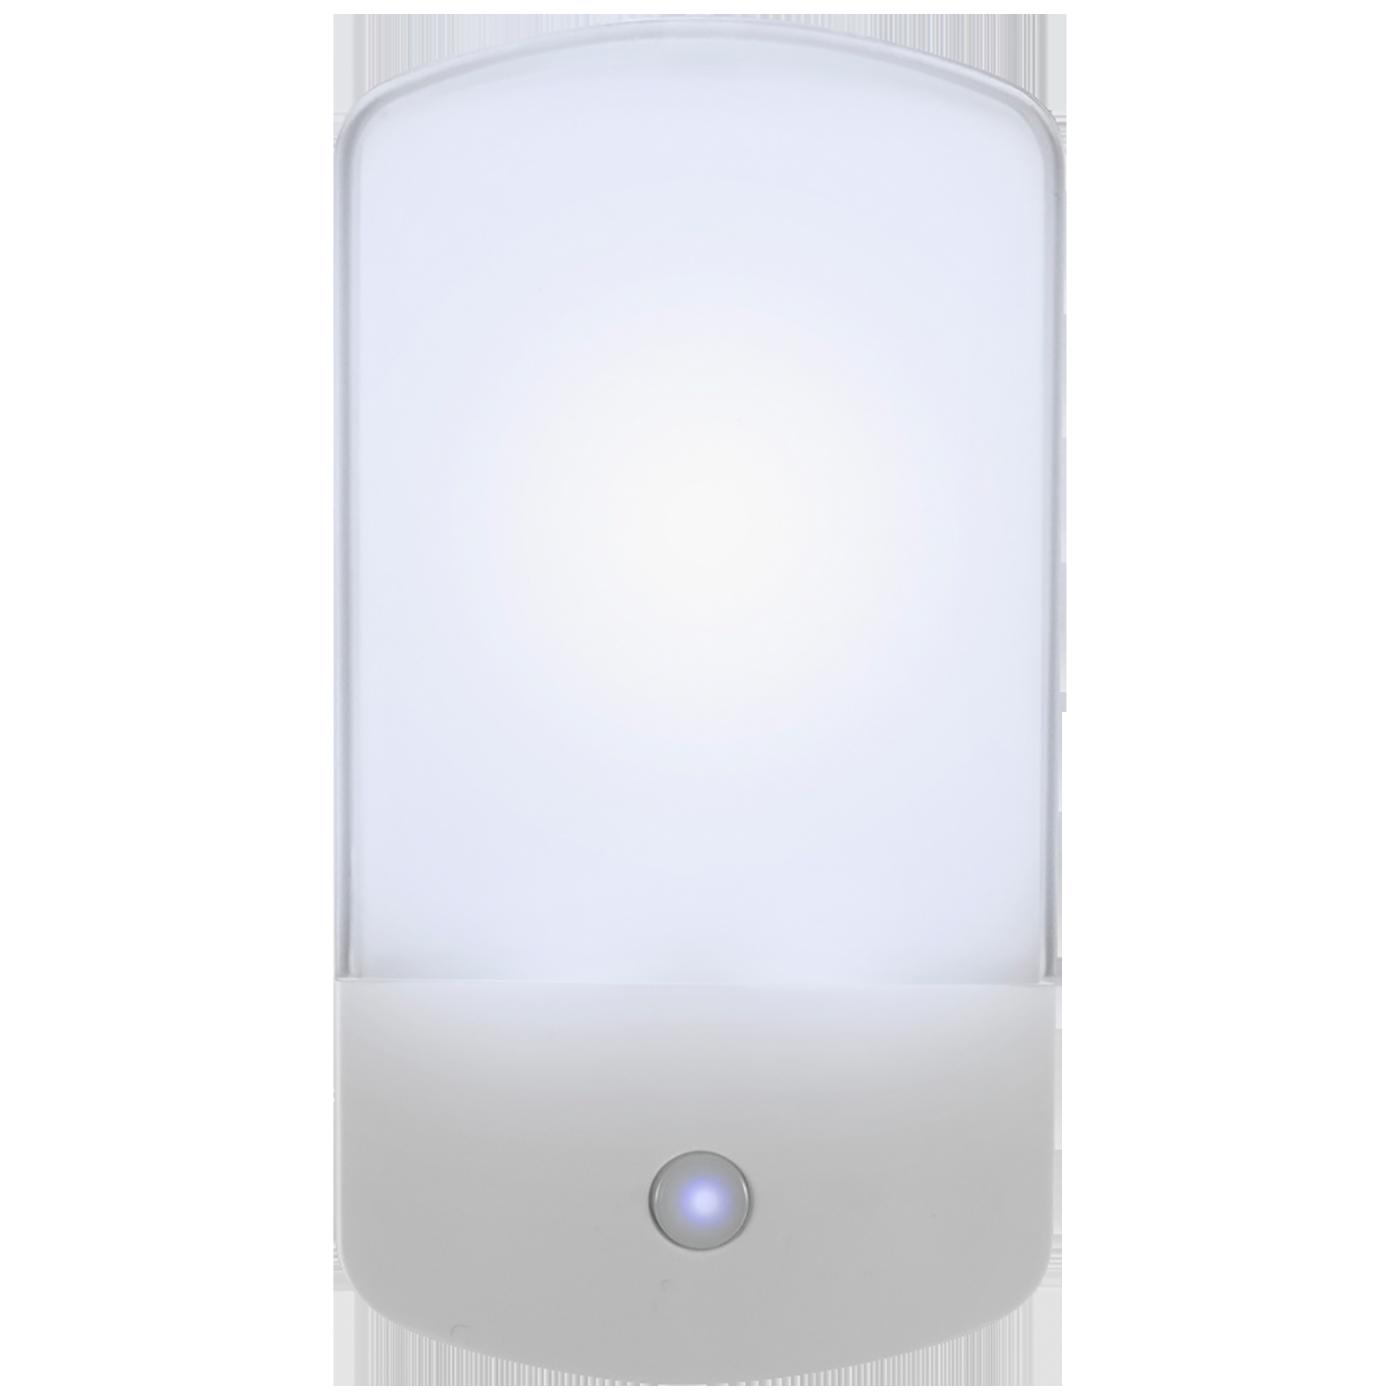 Zvono kućno, bežično sa noćnim svjetlom